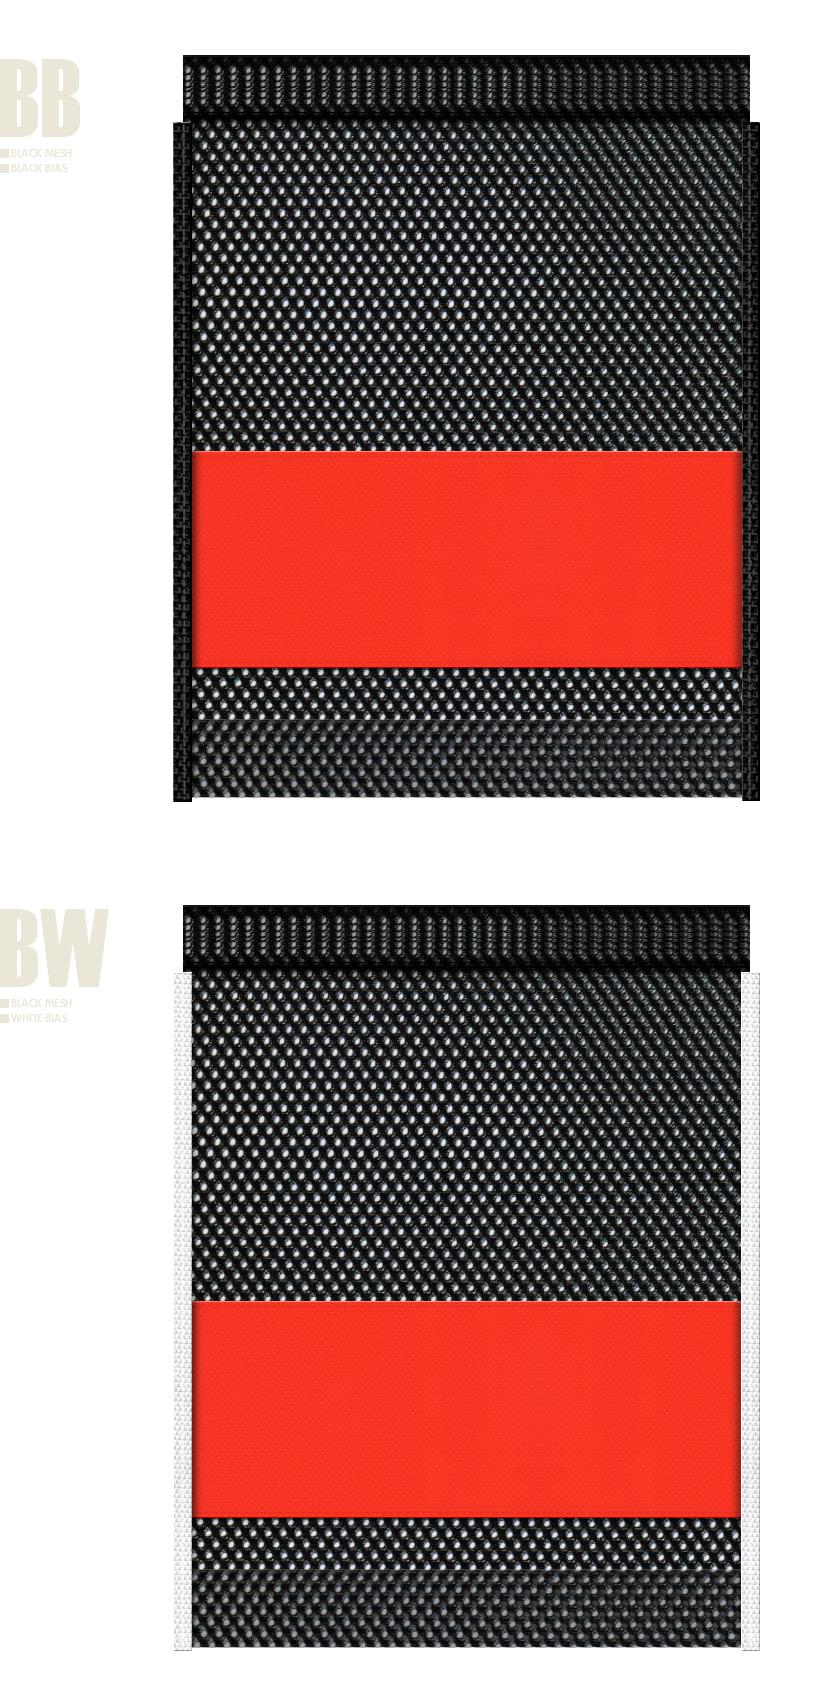 黒色メッシュとオレンジ色不織布のメッシュバッグカラーシミュレーション:ハロウィン商品・キャンプ用品・アウトドア用品・スポーツ用品・シューズバッグにお奨め